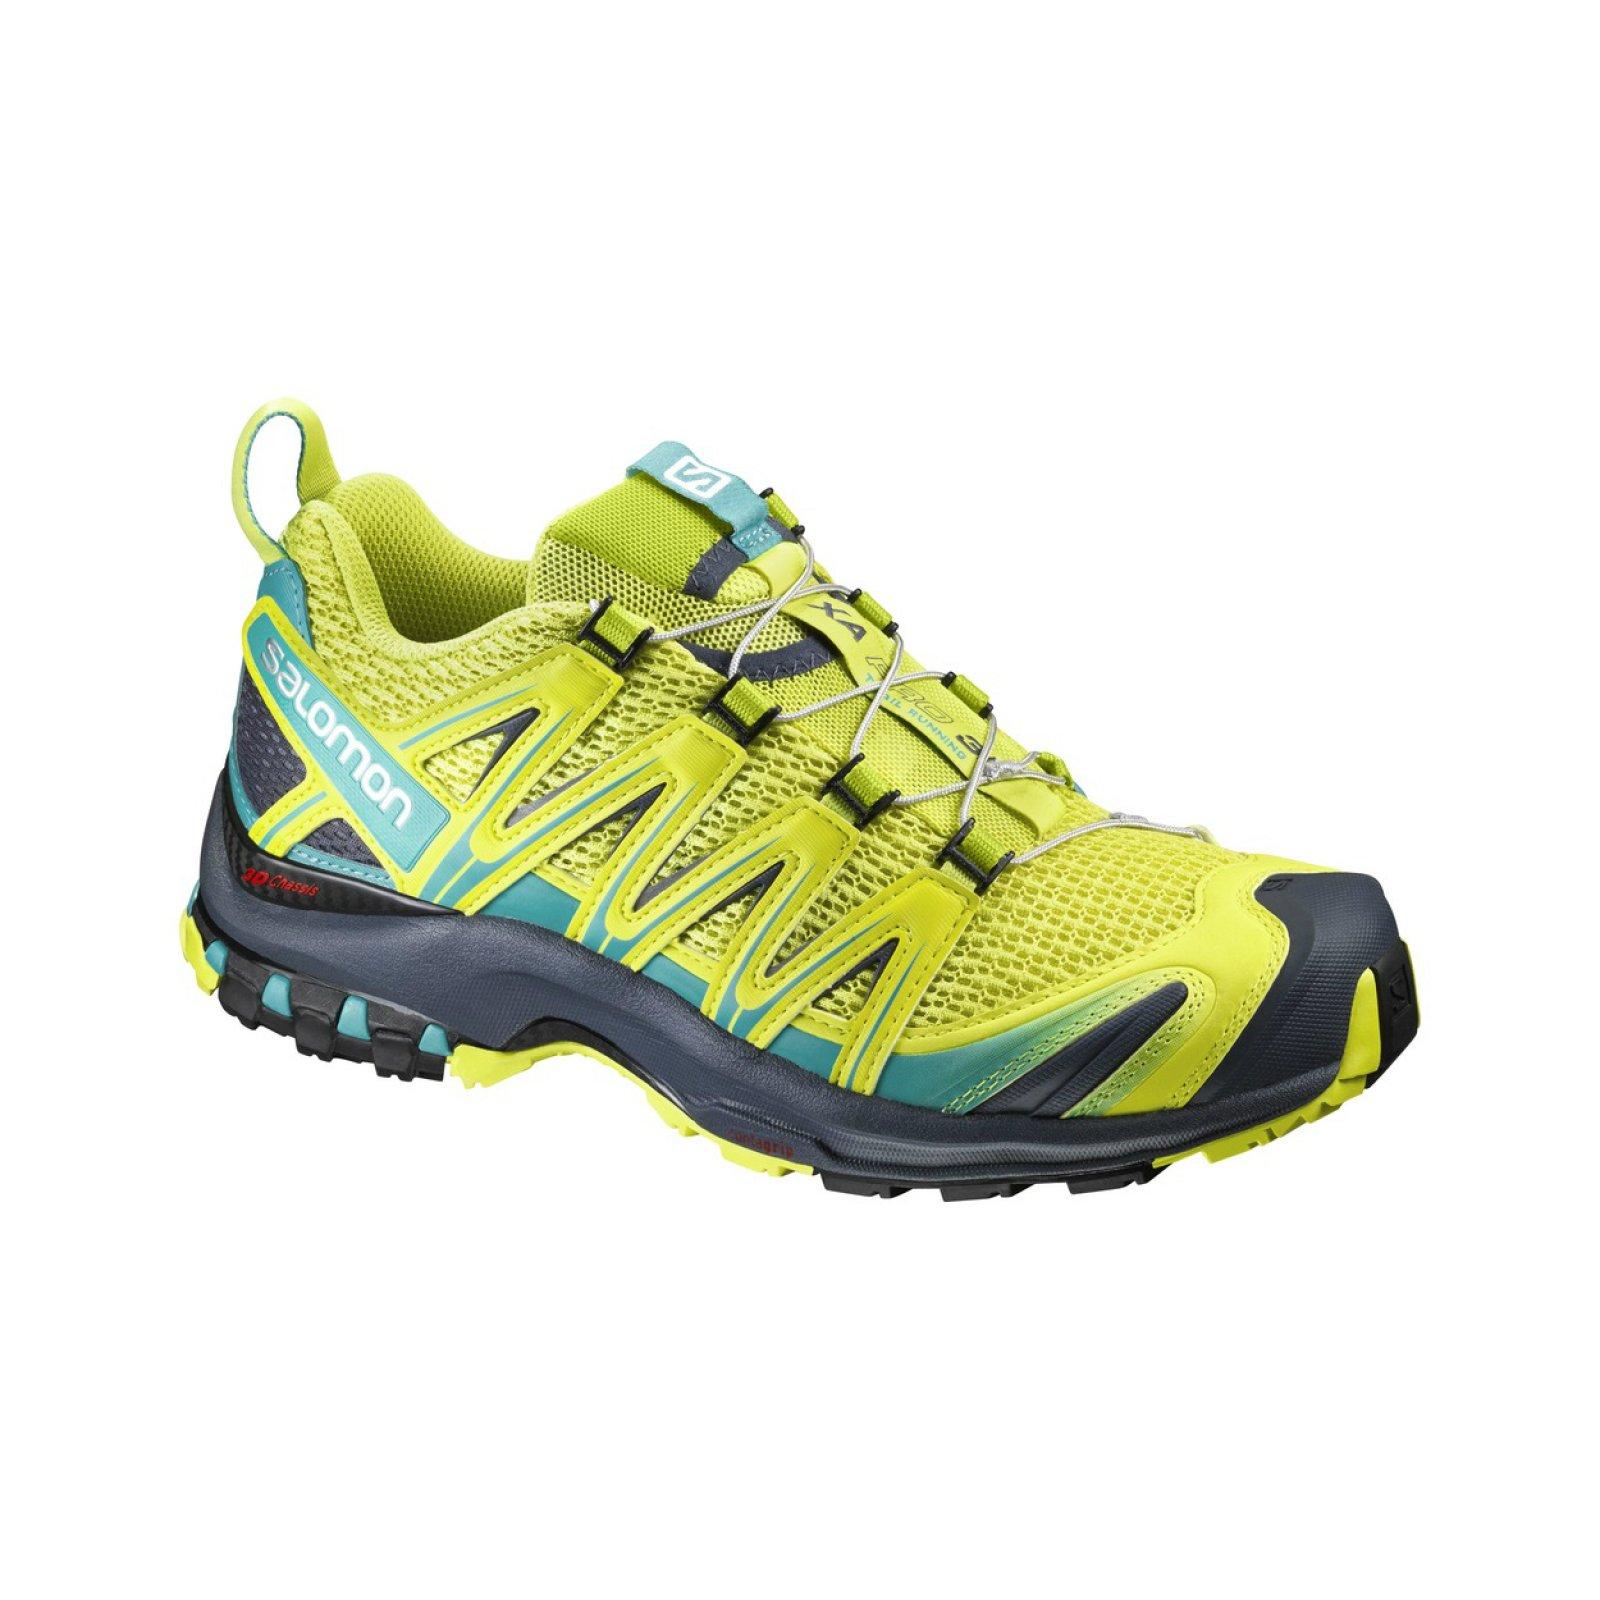 a14bbfac8a7 Trailové běžecké boty Salomon XA Pro 3D W L39327300 - Actisport.cz